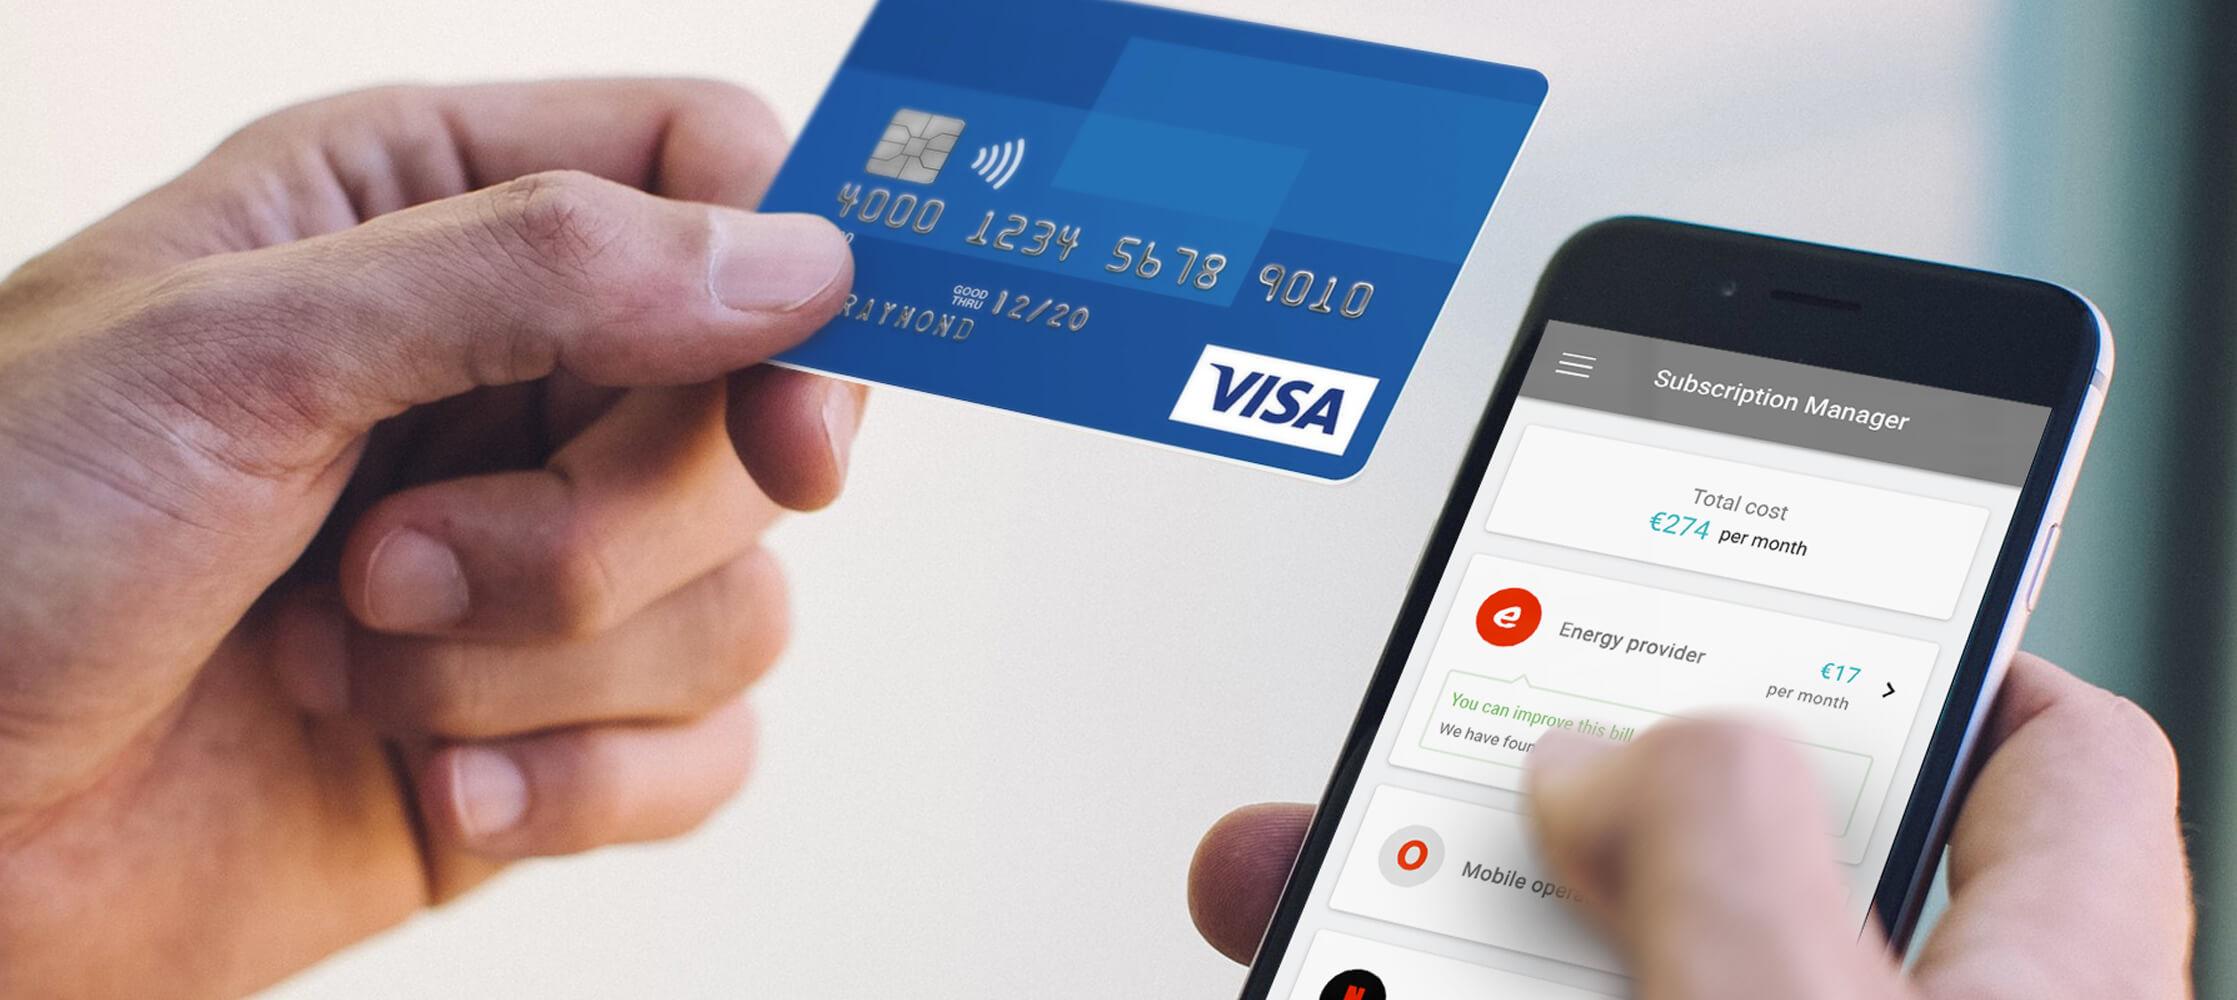 Visa lancia Fintech Partner Connect: pagamenti digitali più semplici per tutti thumbnail